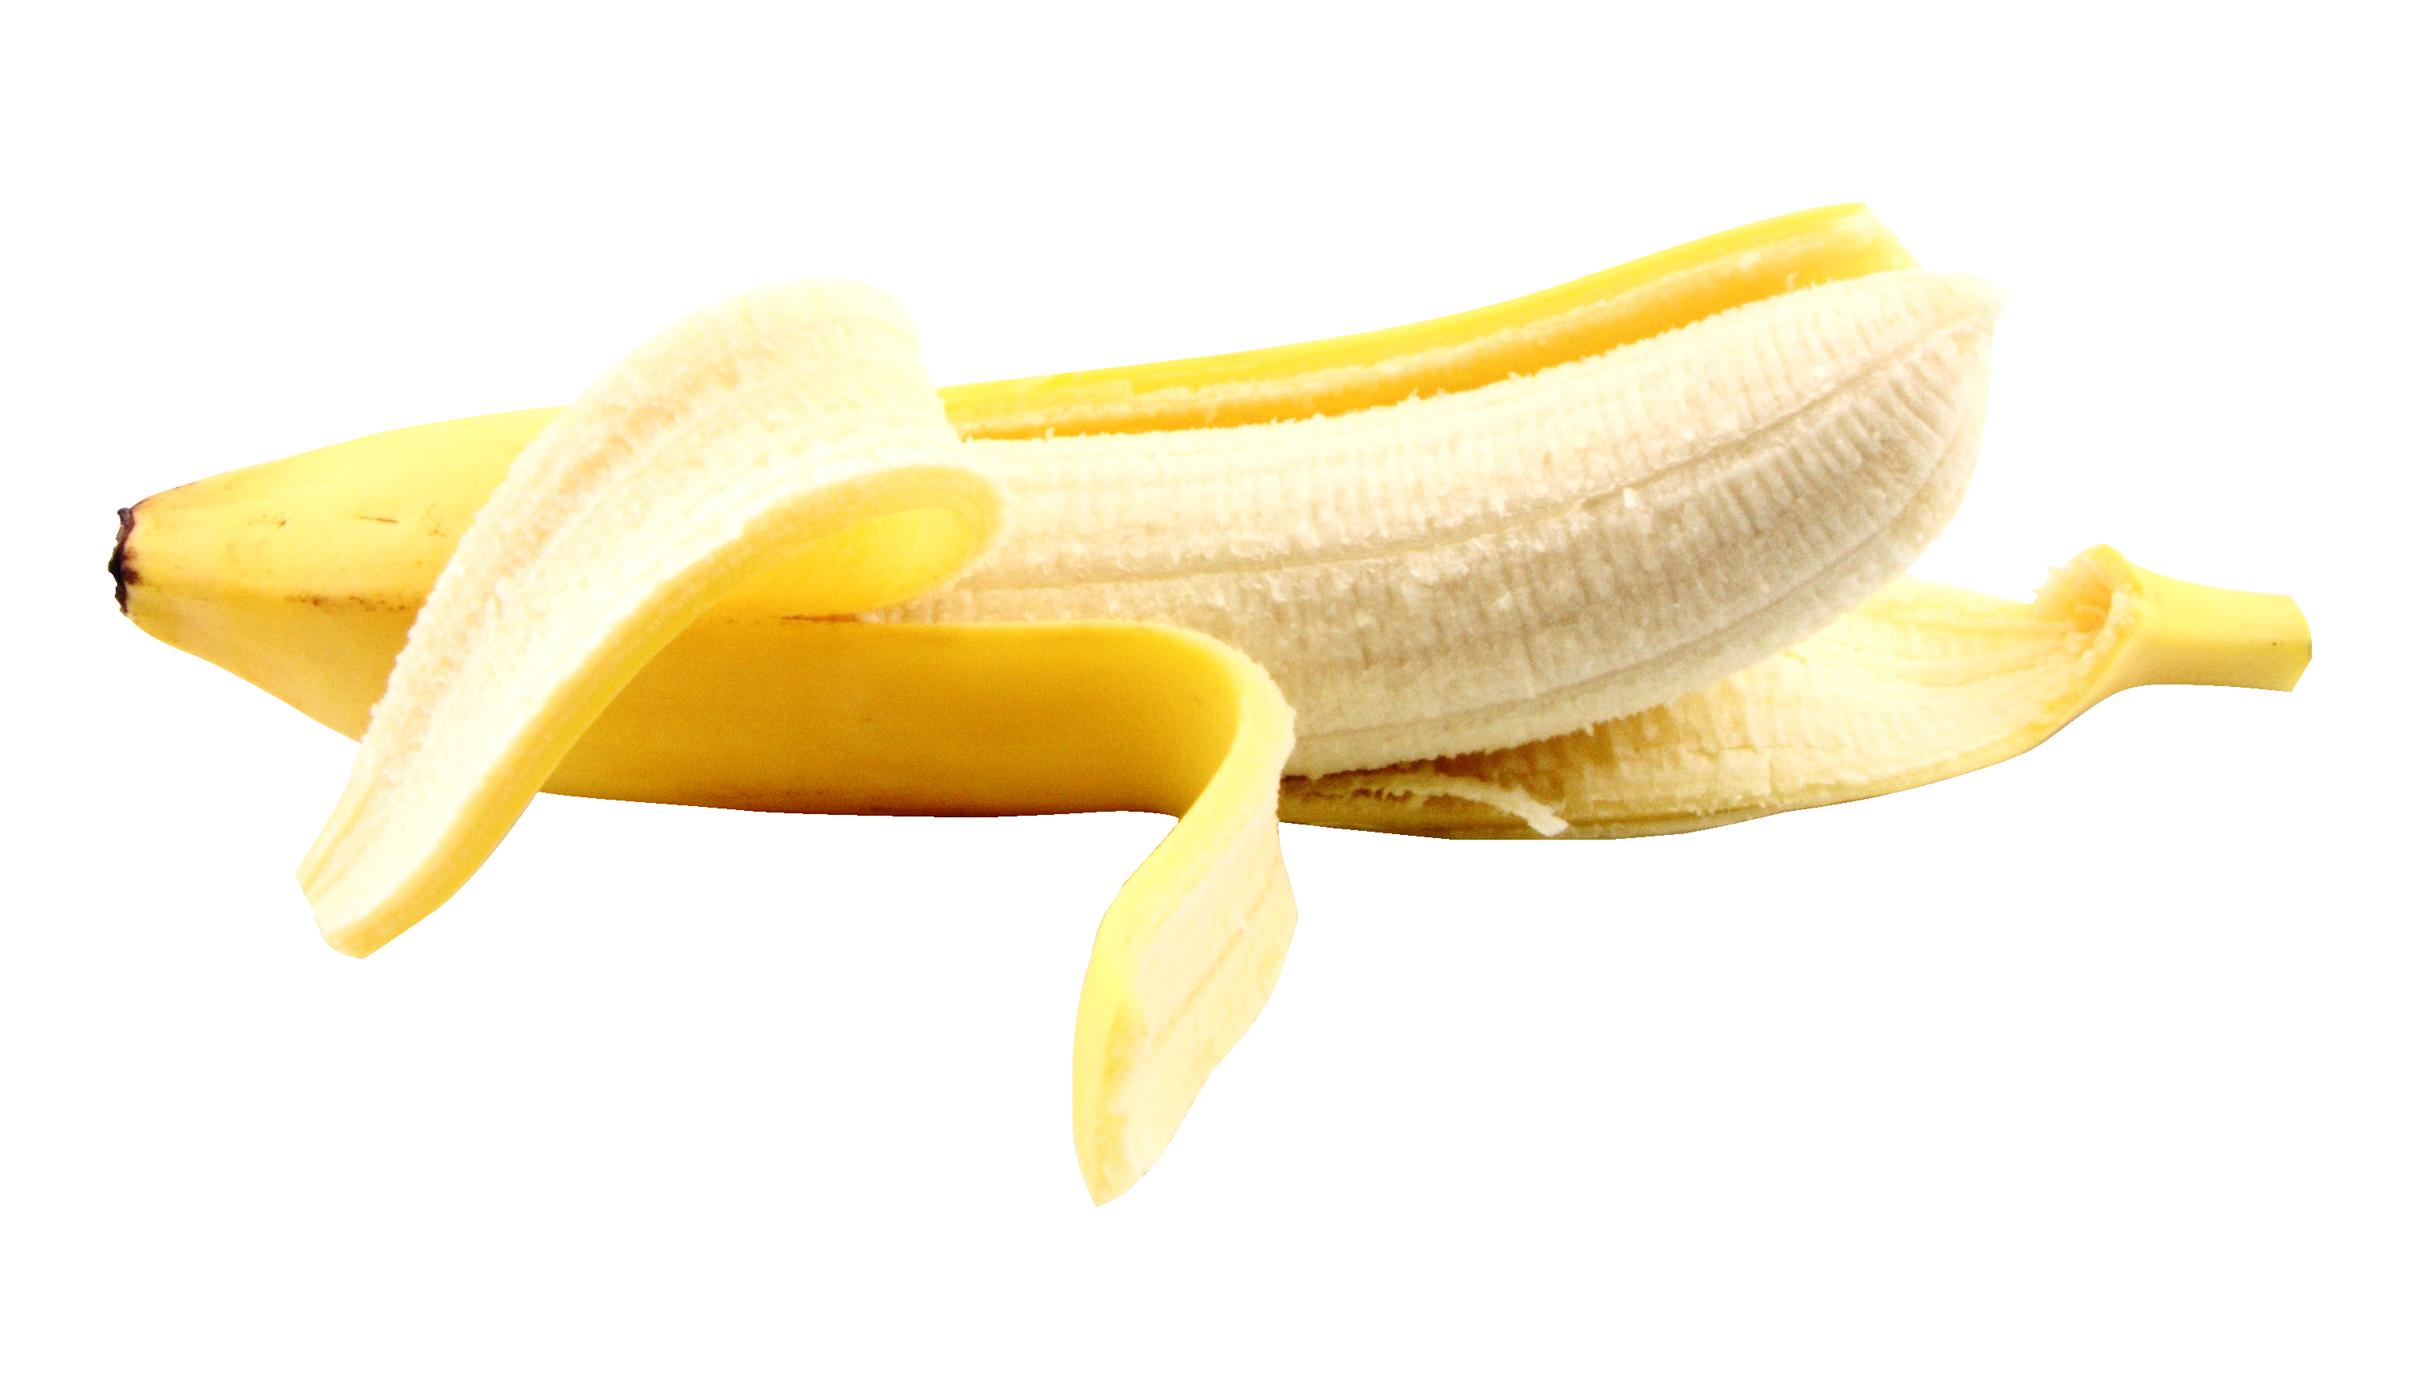 Banana open PNG Image Png images, Banana, Png